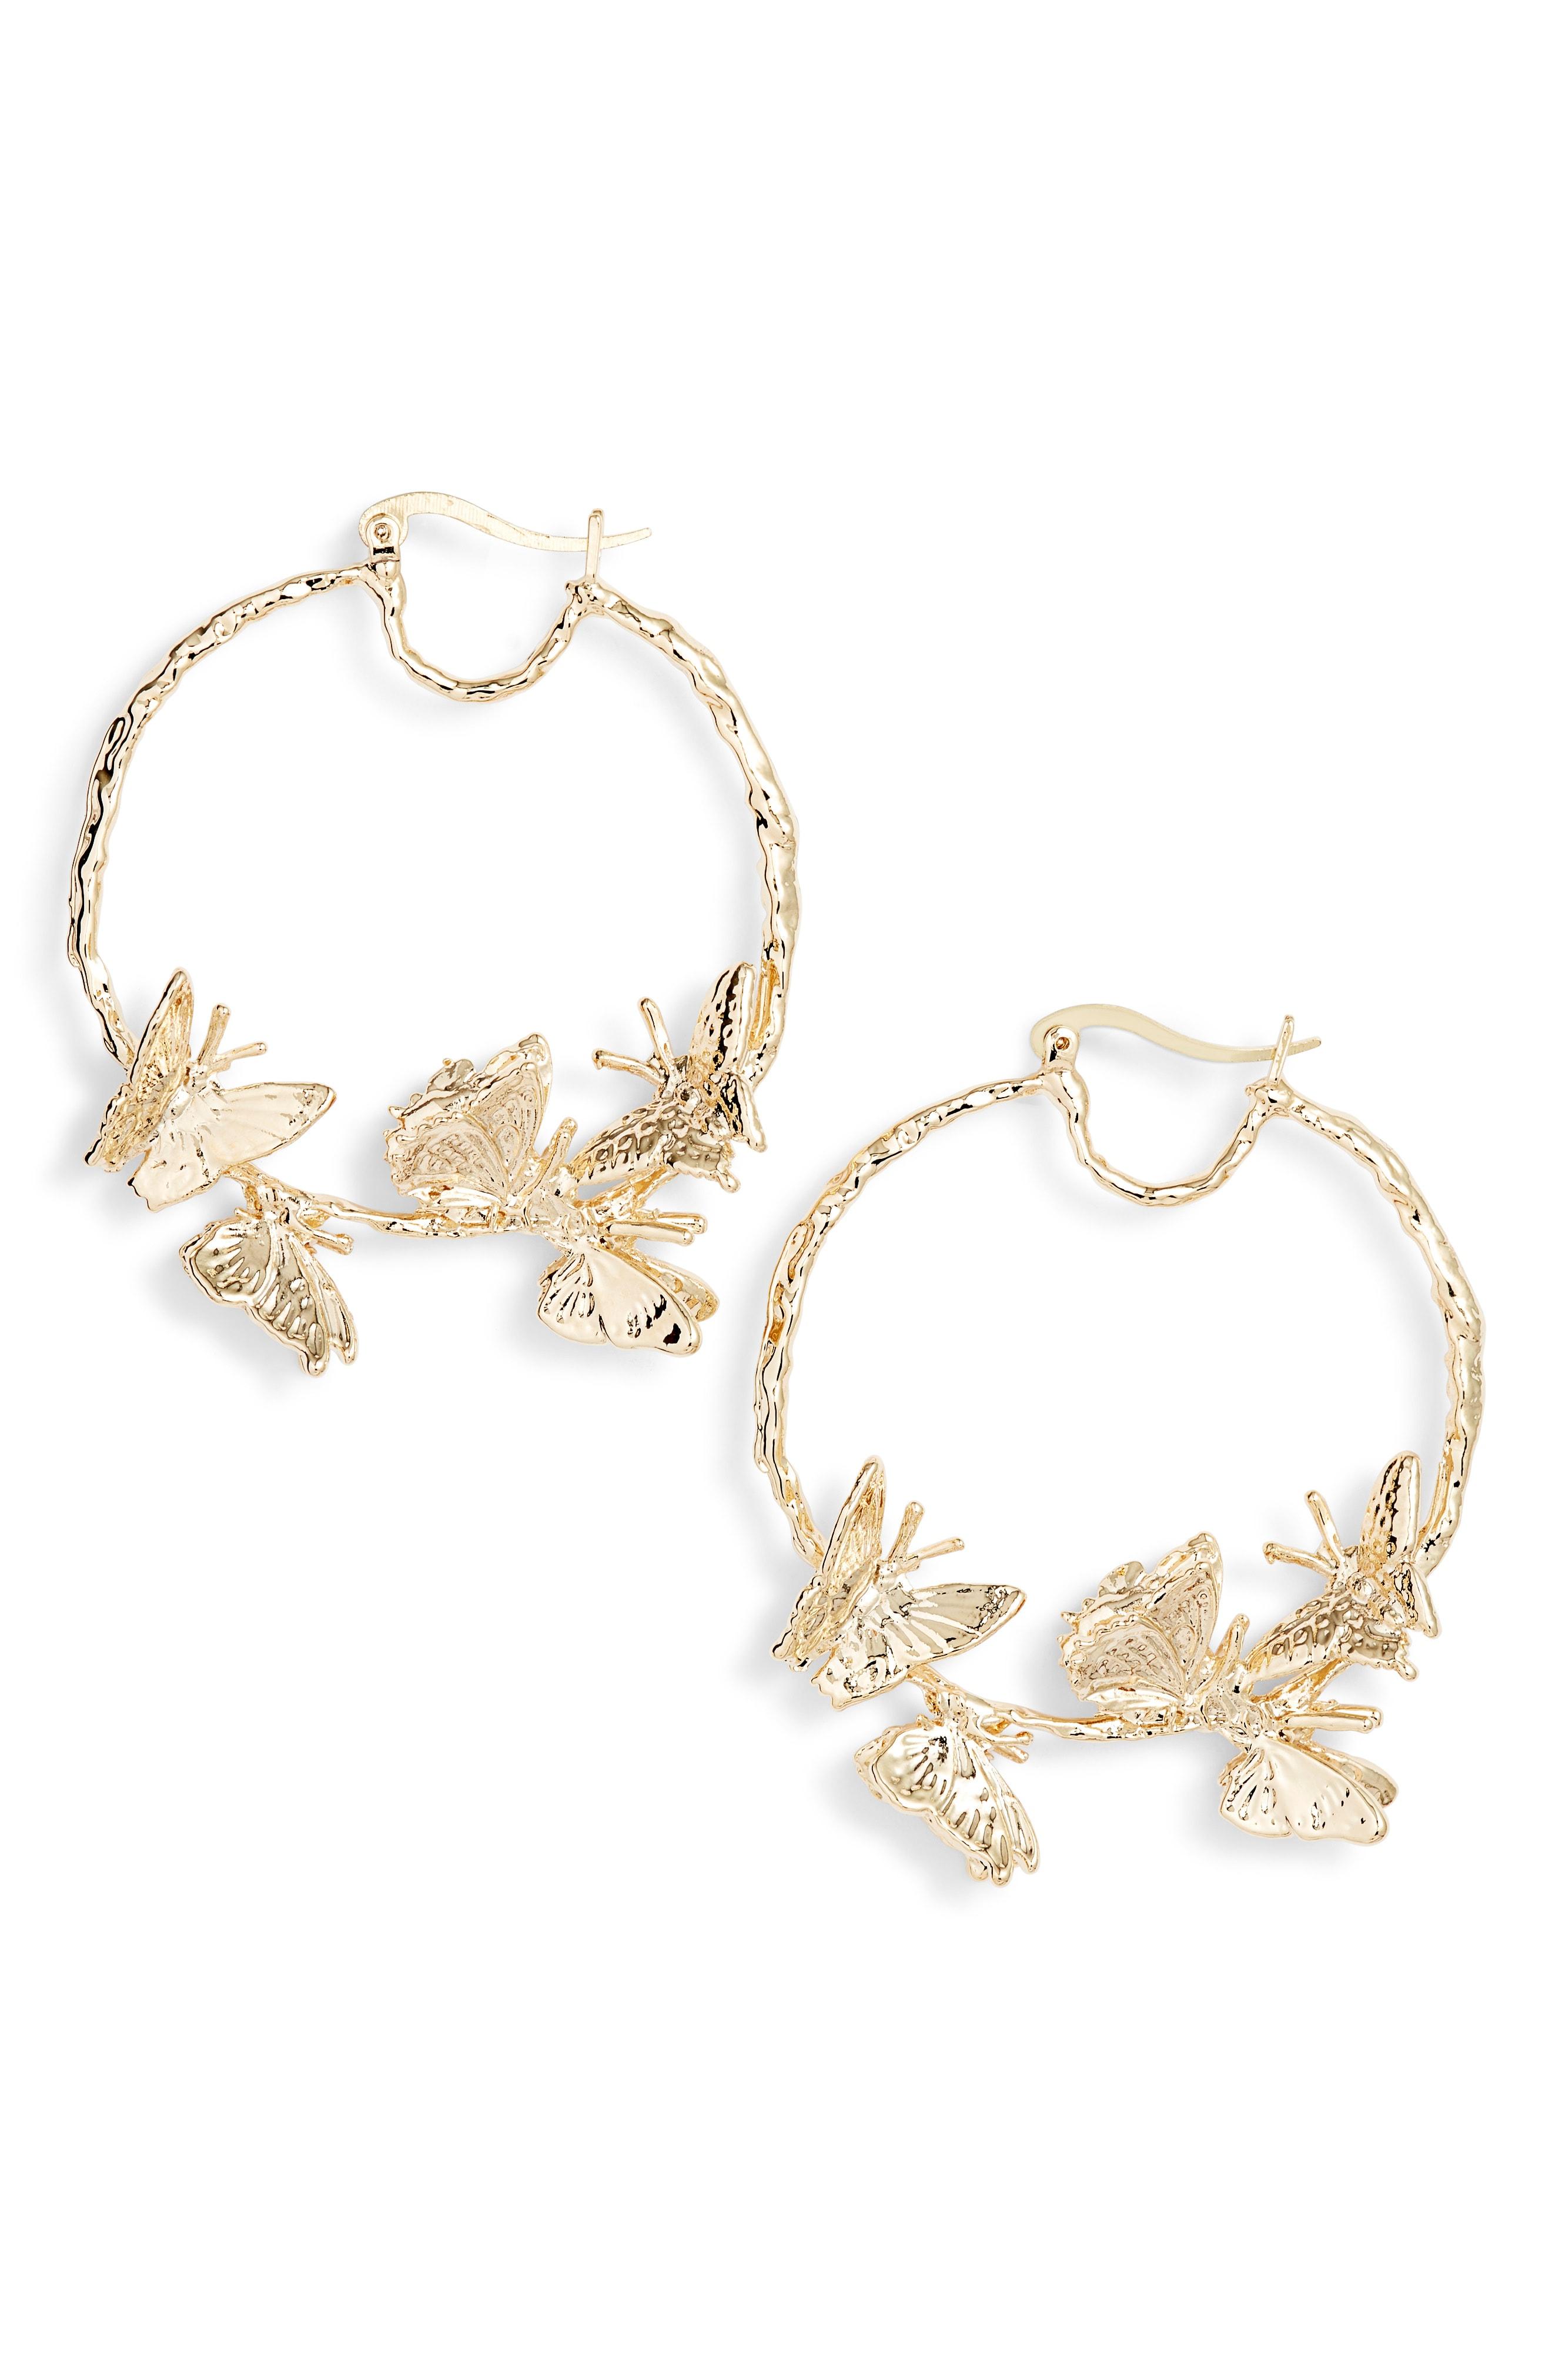 ZHUU Flutter Hoop Earrings